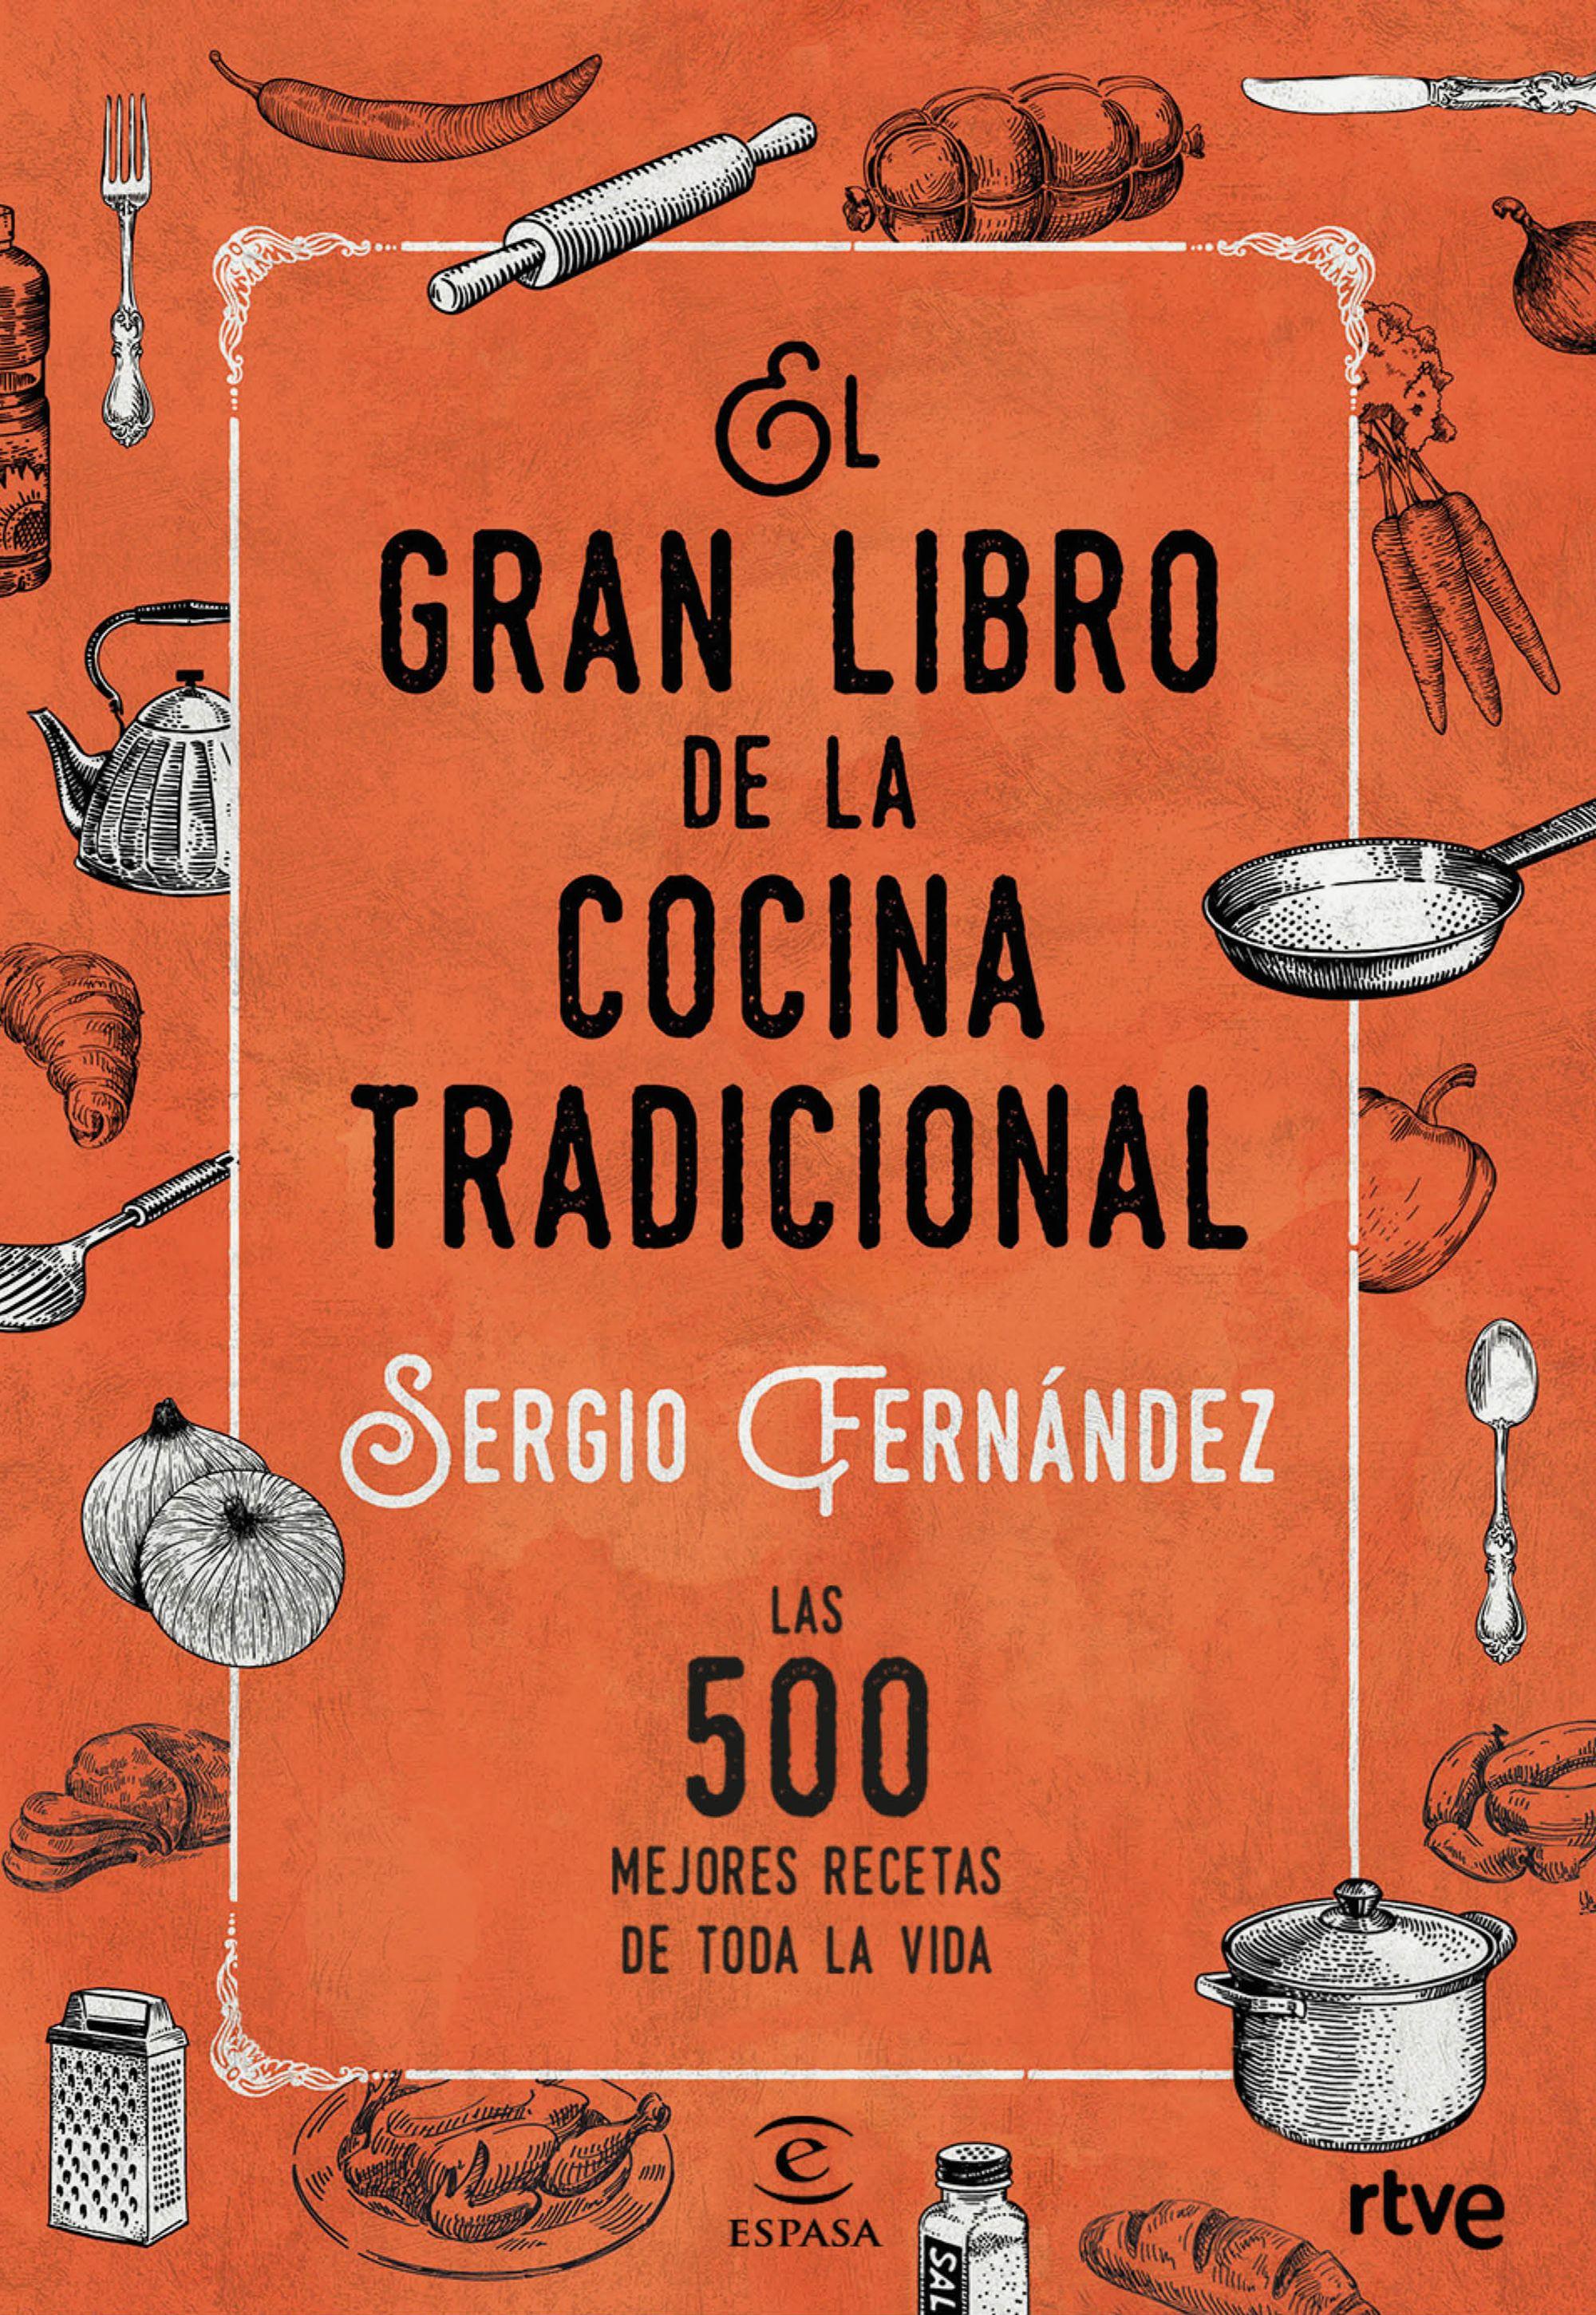 Cocina De Sergio Fernandez | El Gran Libro De La Cocina Tradicional Planeta De Livros